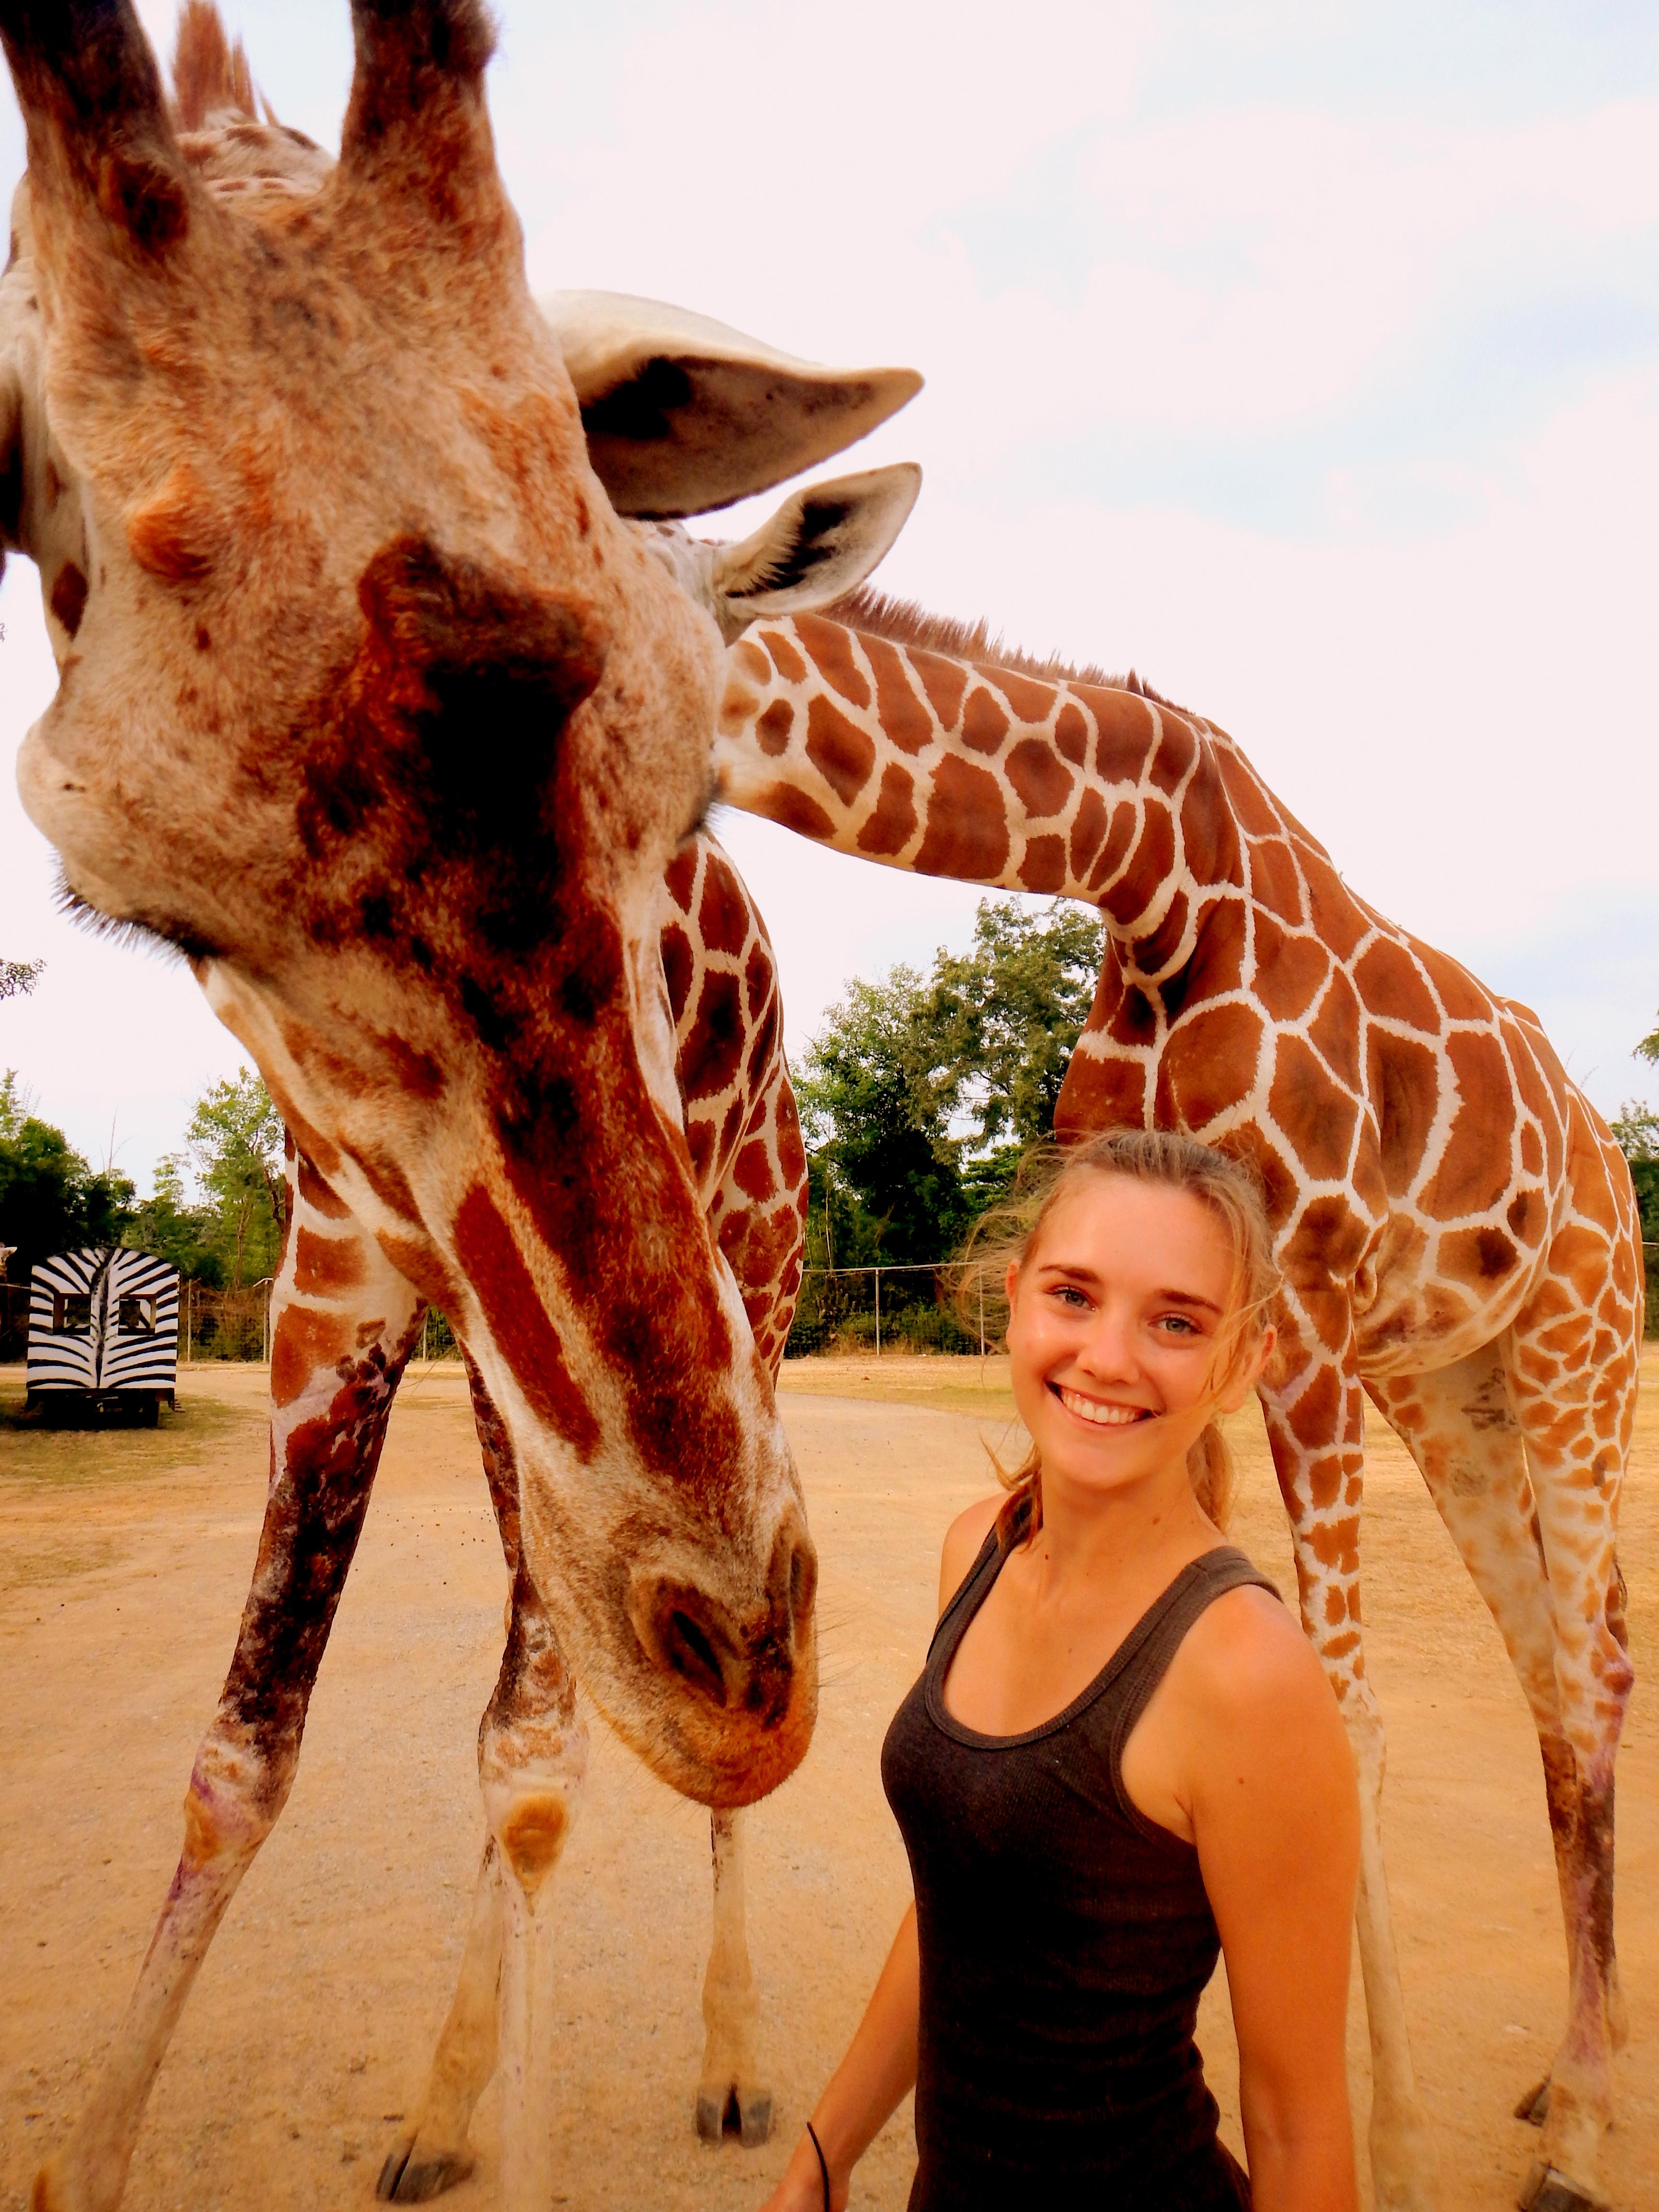 Giraffe at the Safari Park Zoo, Kanchanaburi, Thailand